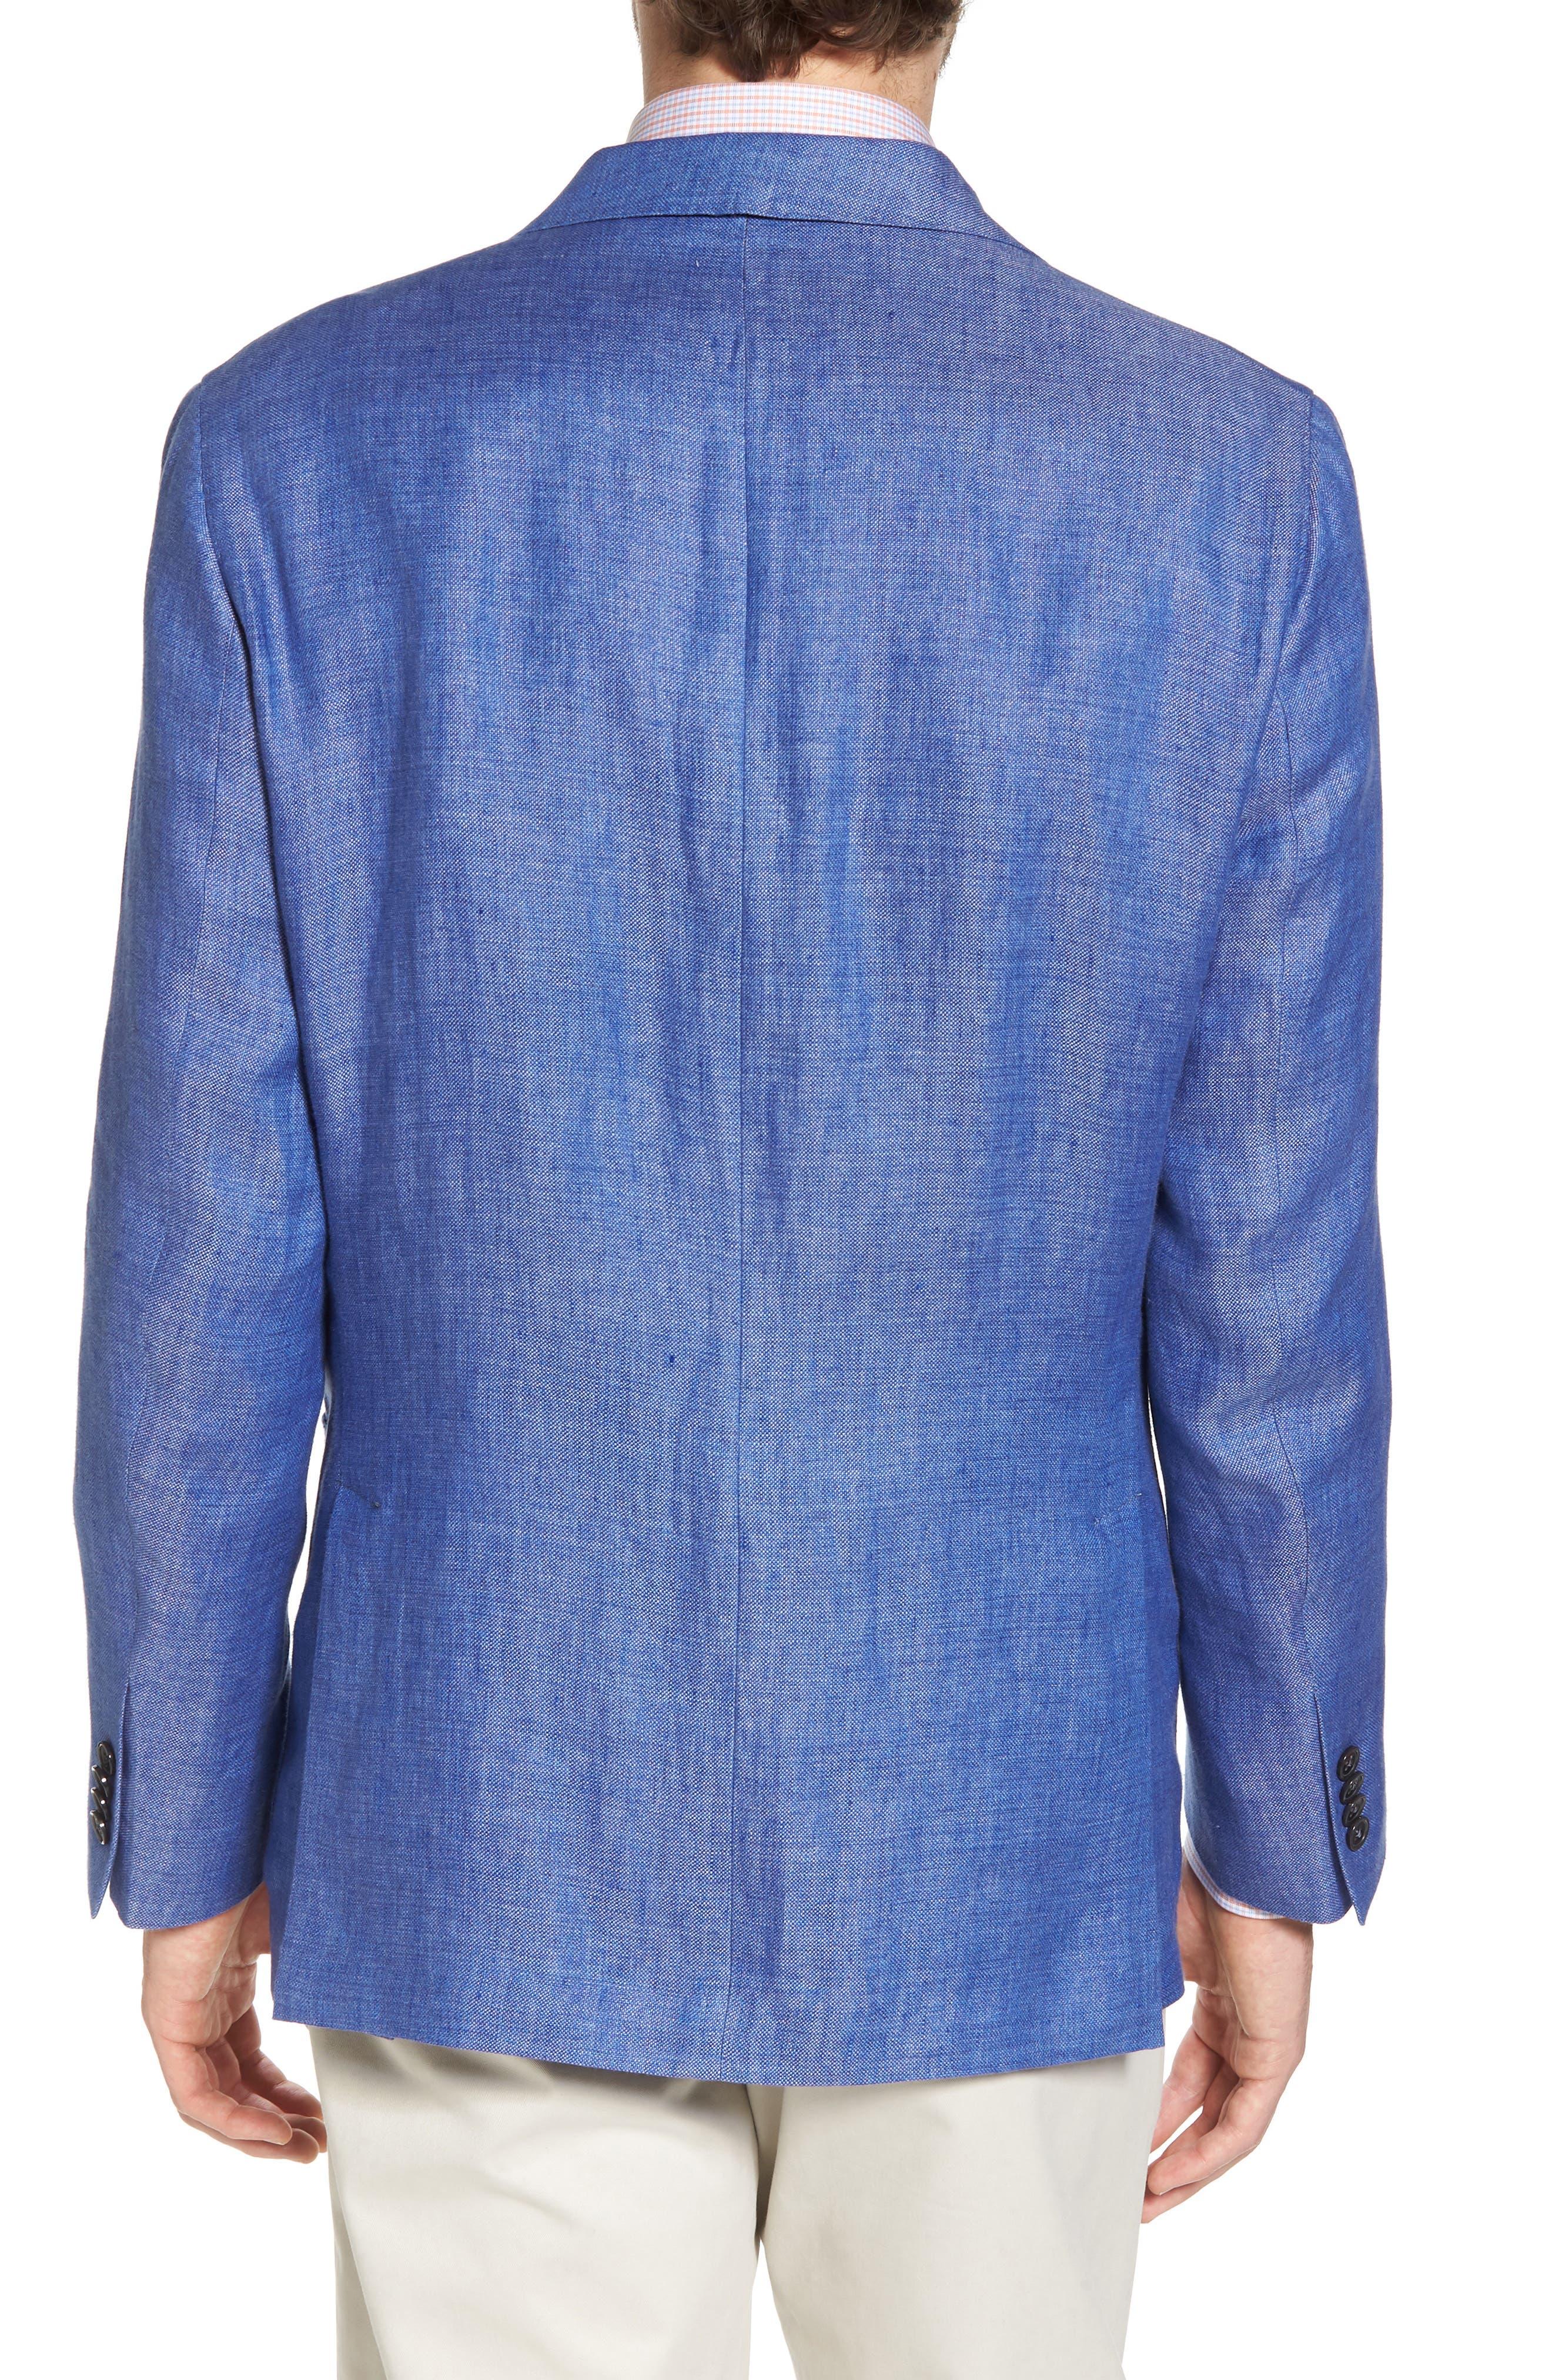 Aiden Classic Fit Linen Blazer,                             Alternate thumbnail 2, color,                             Blue